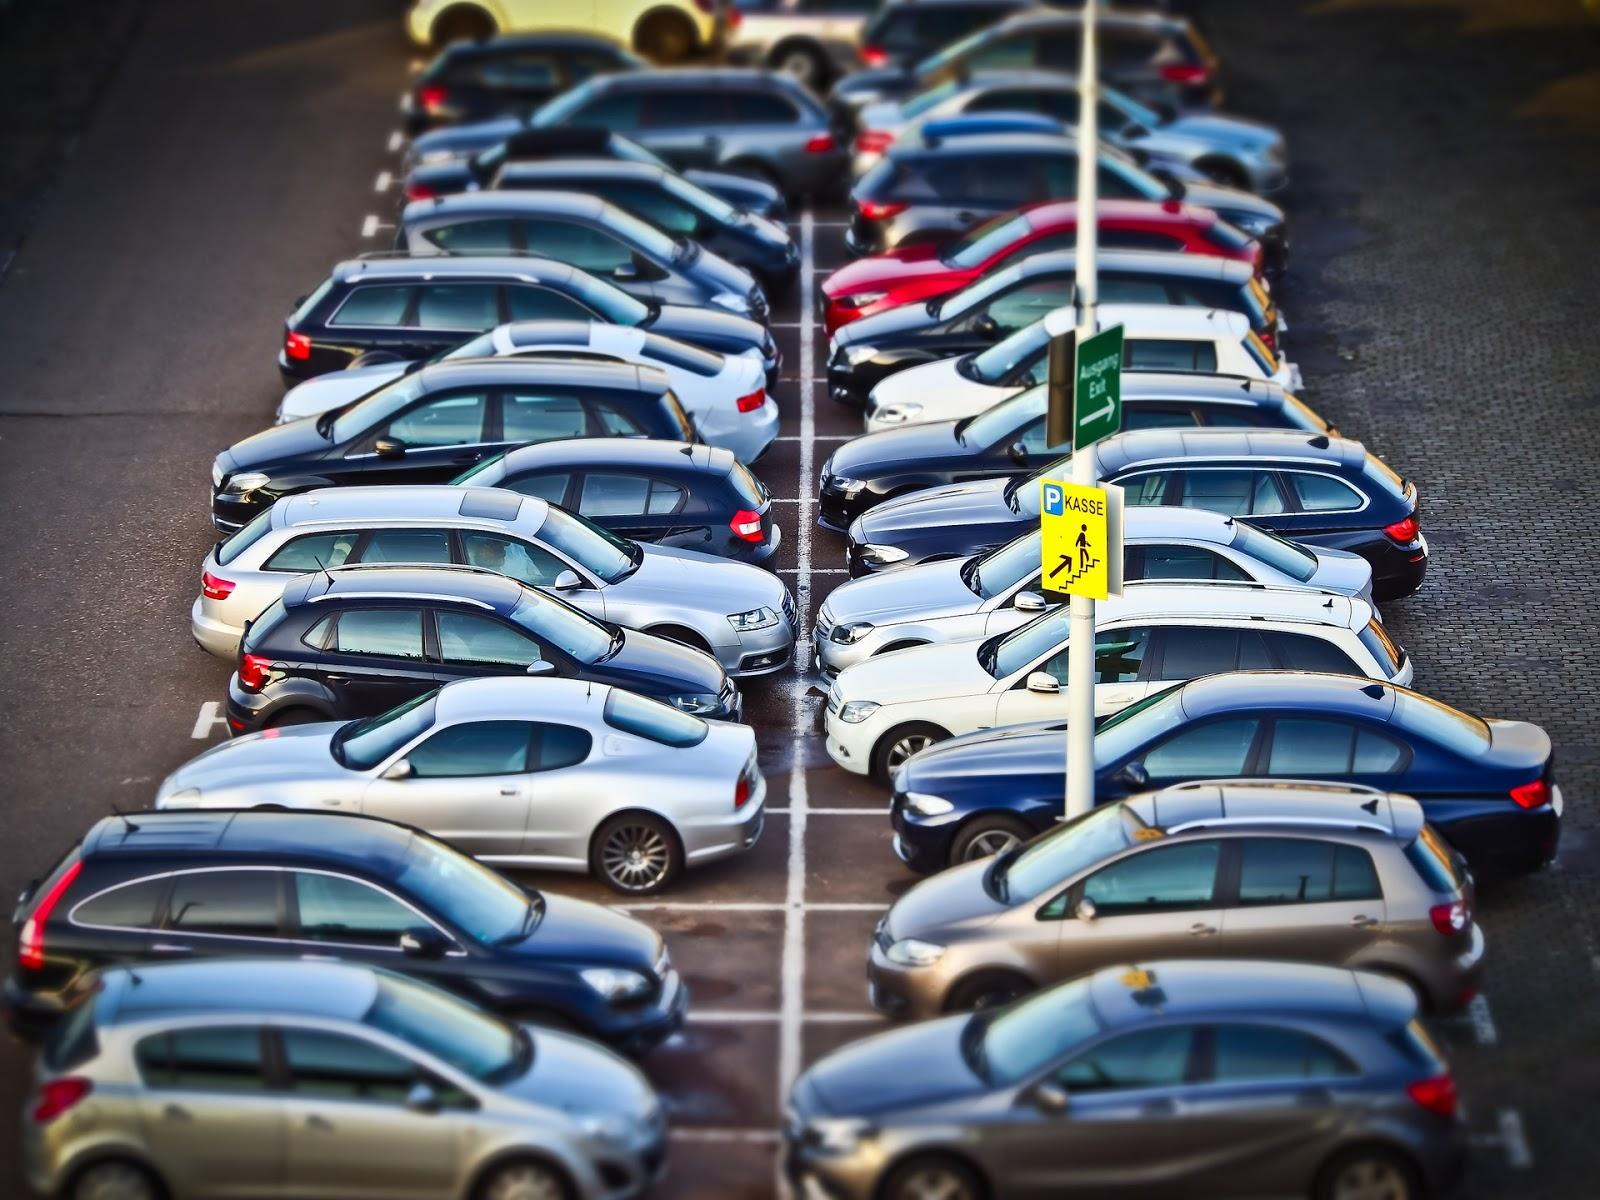 Les différents types de parking : public, privé et privé à usage public